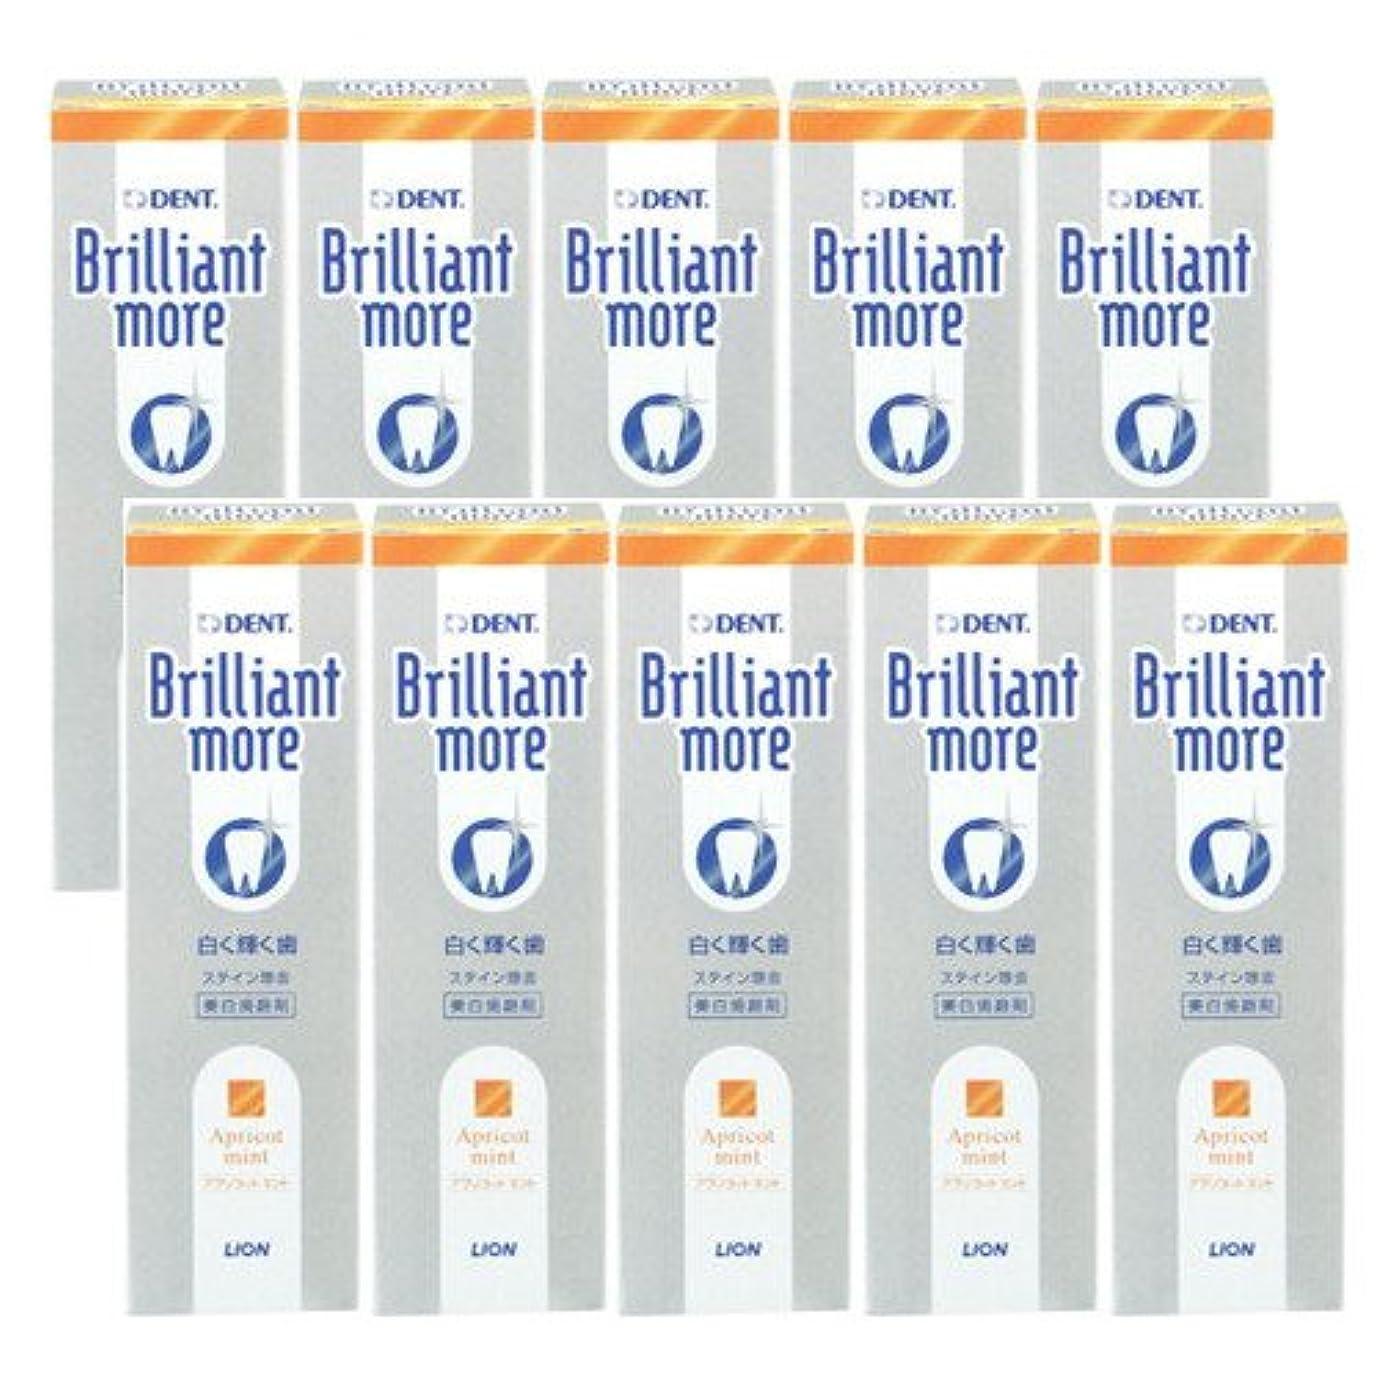 複合競争力のあるあるライオン ブリリアントモア アプリコットミント 美白歯磨剤 LION Brilliant more 10本セット